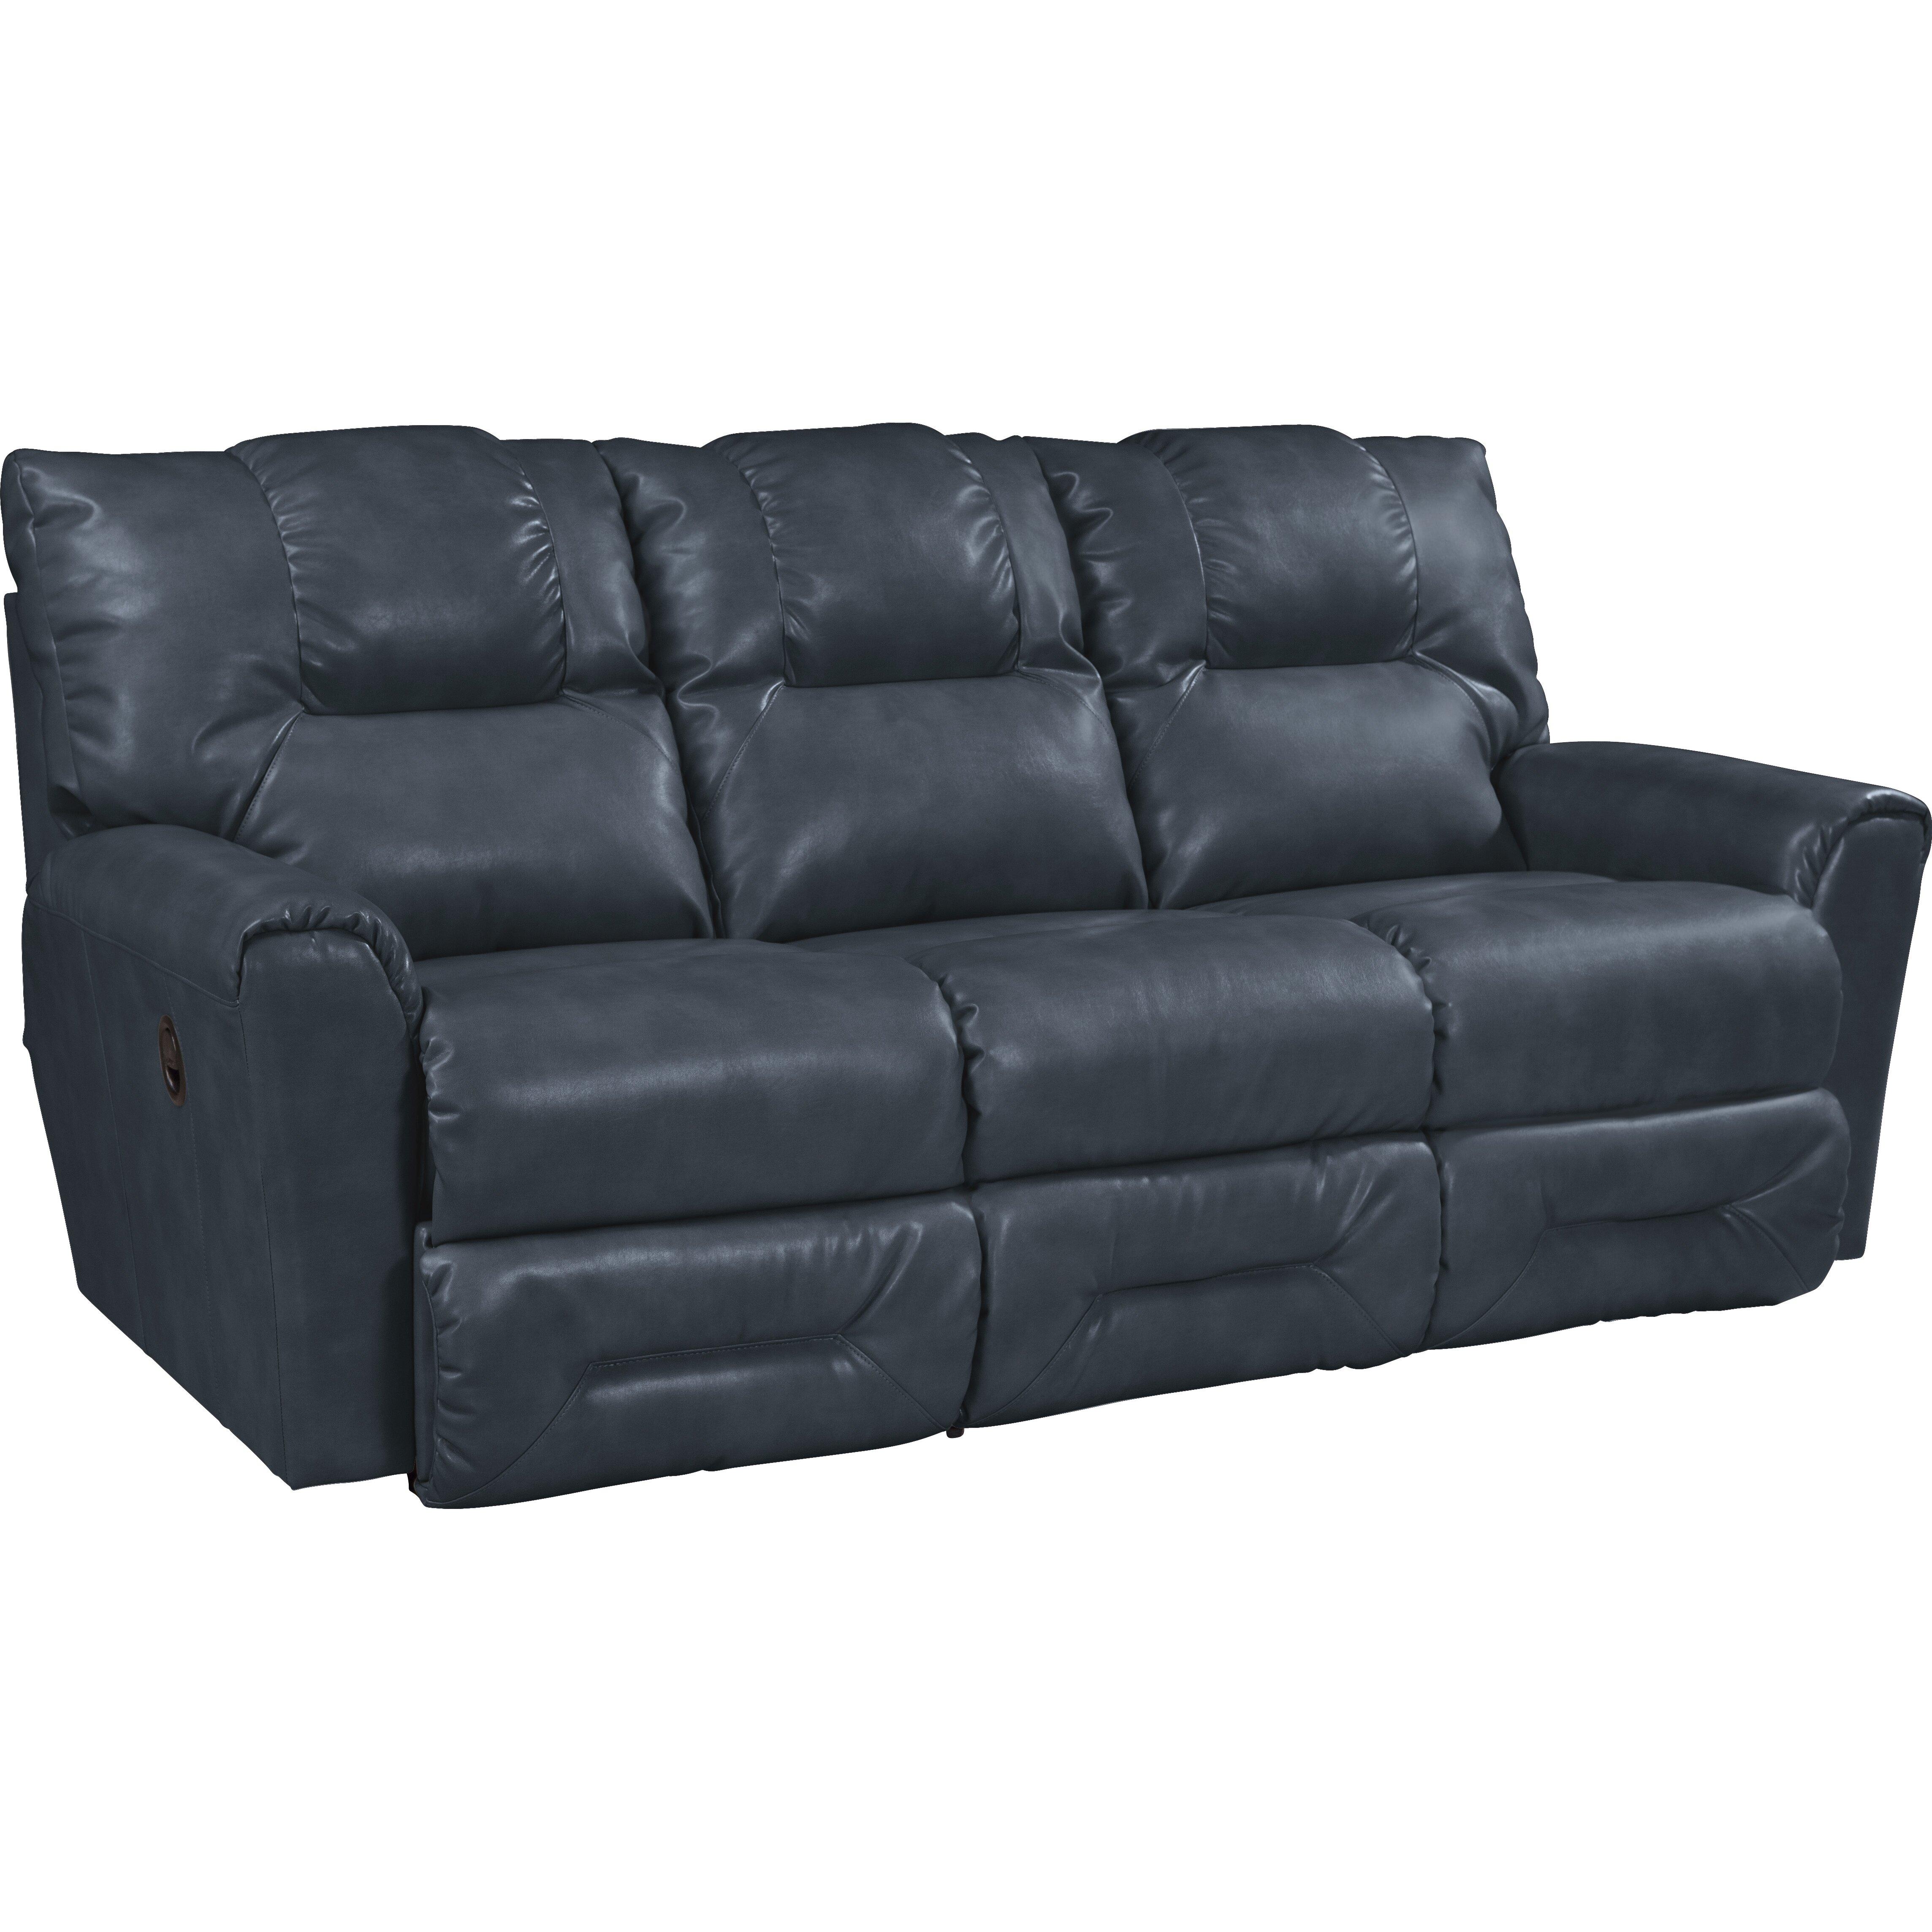 Lazy Boy Mackenzie Sofa Reviews Refil Sofa : La Z Boy Easton Leather Sofa from forexrefiller.com size 4576 x 4576 jpeg 1136kB